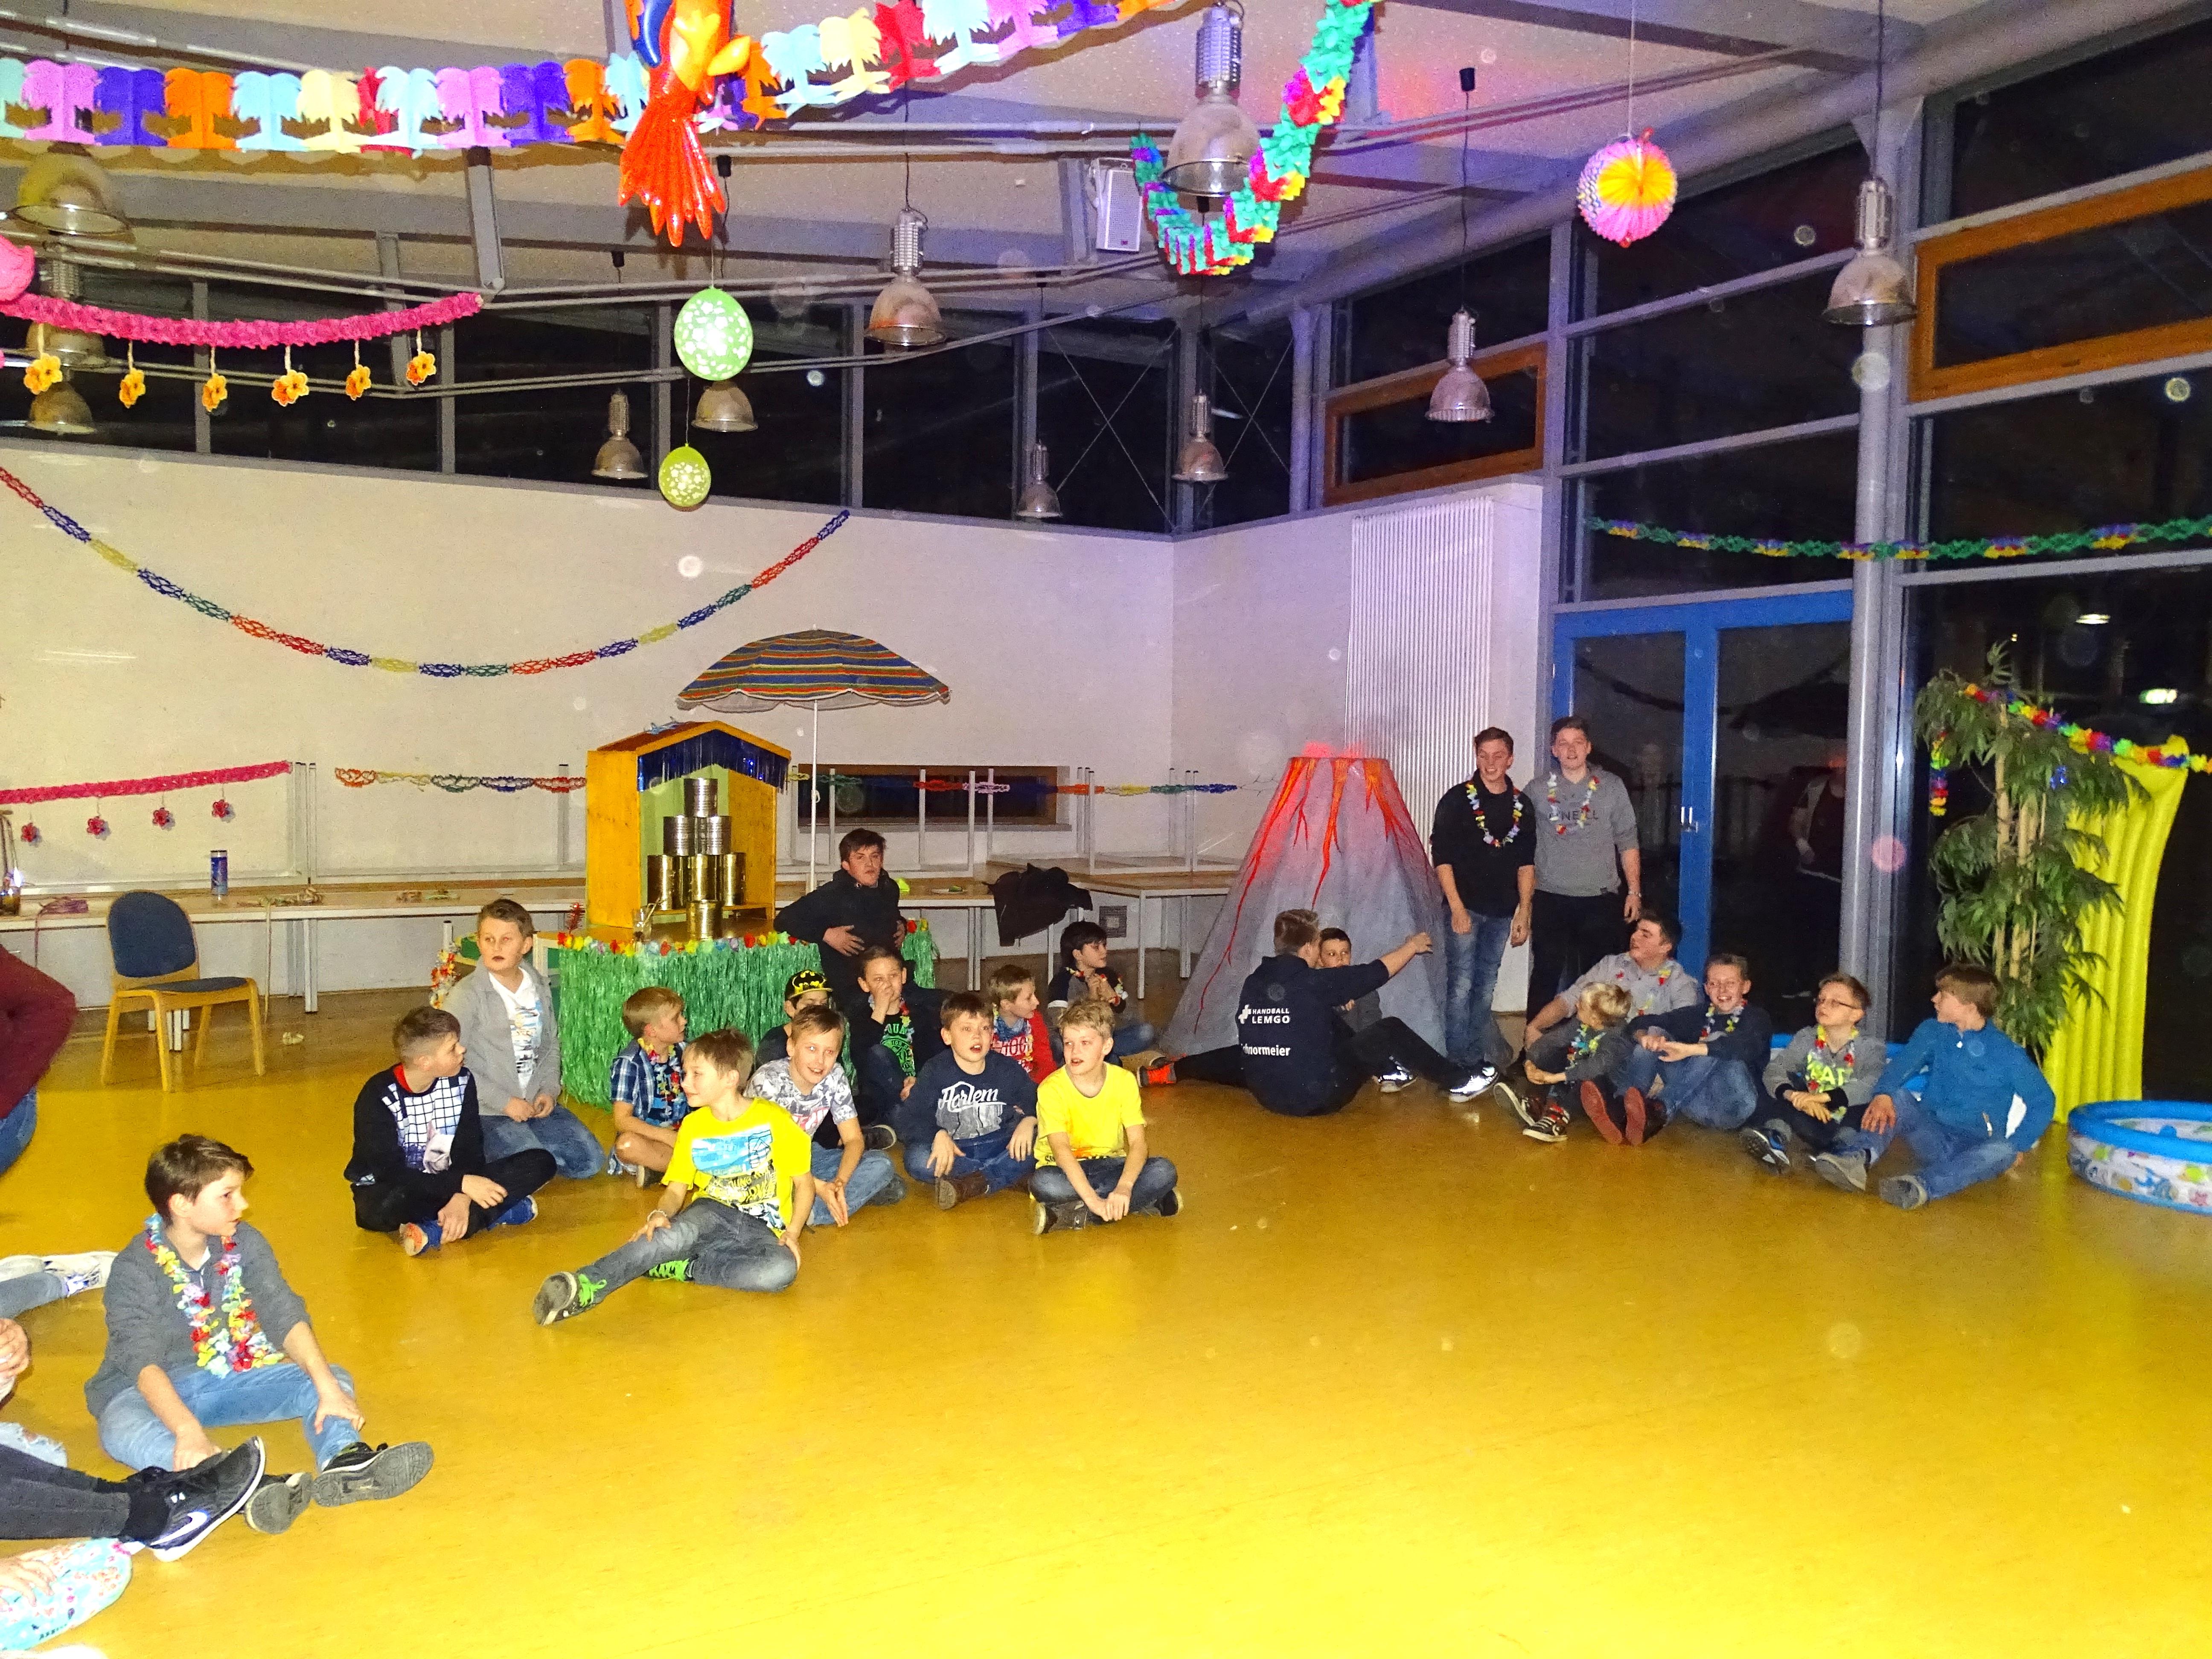 Hawaii-Party in Lüdenhausen – ein voller Erfolg mit viel Spaß und Spielen